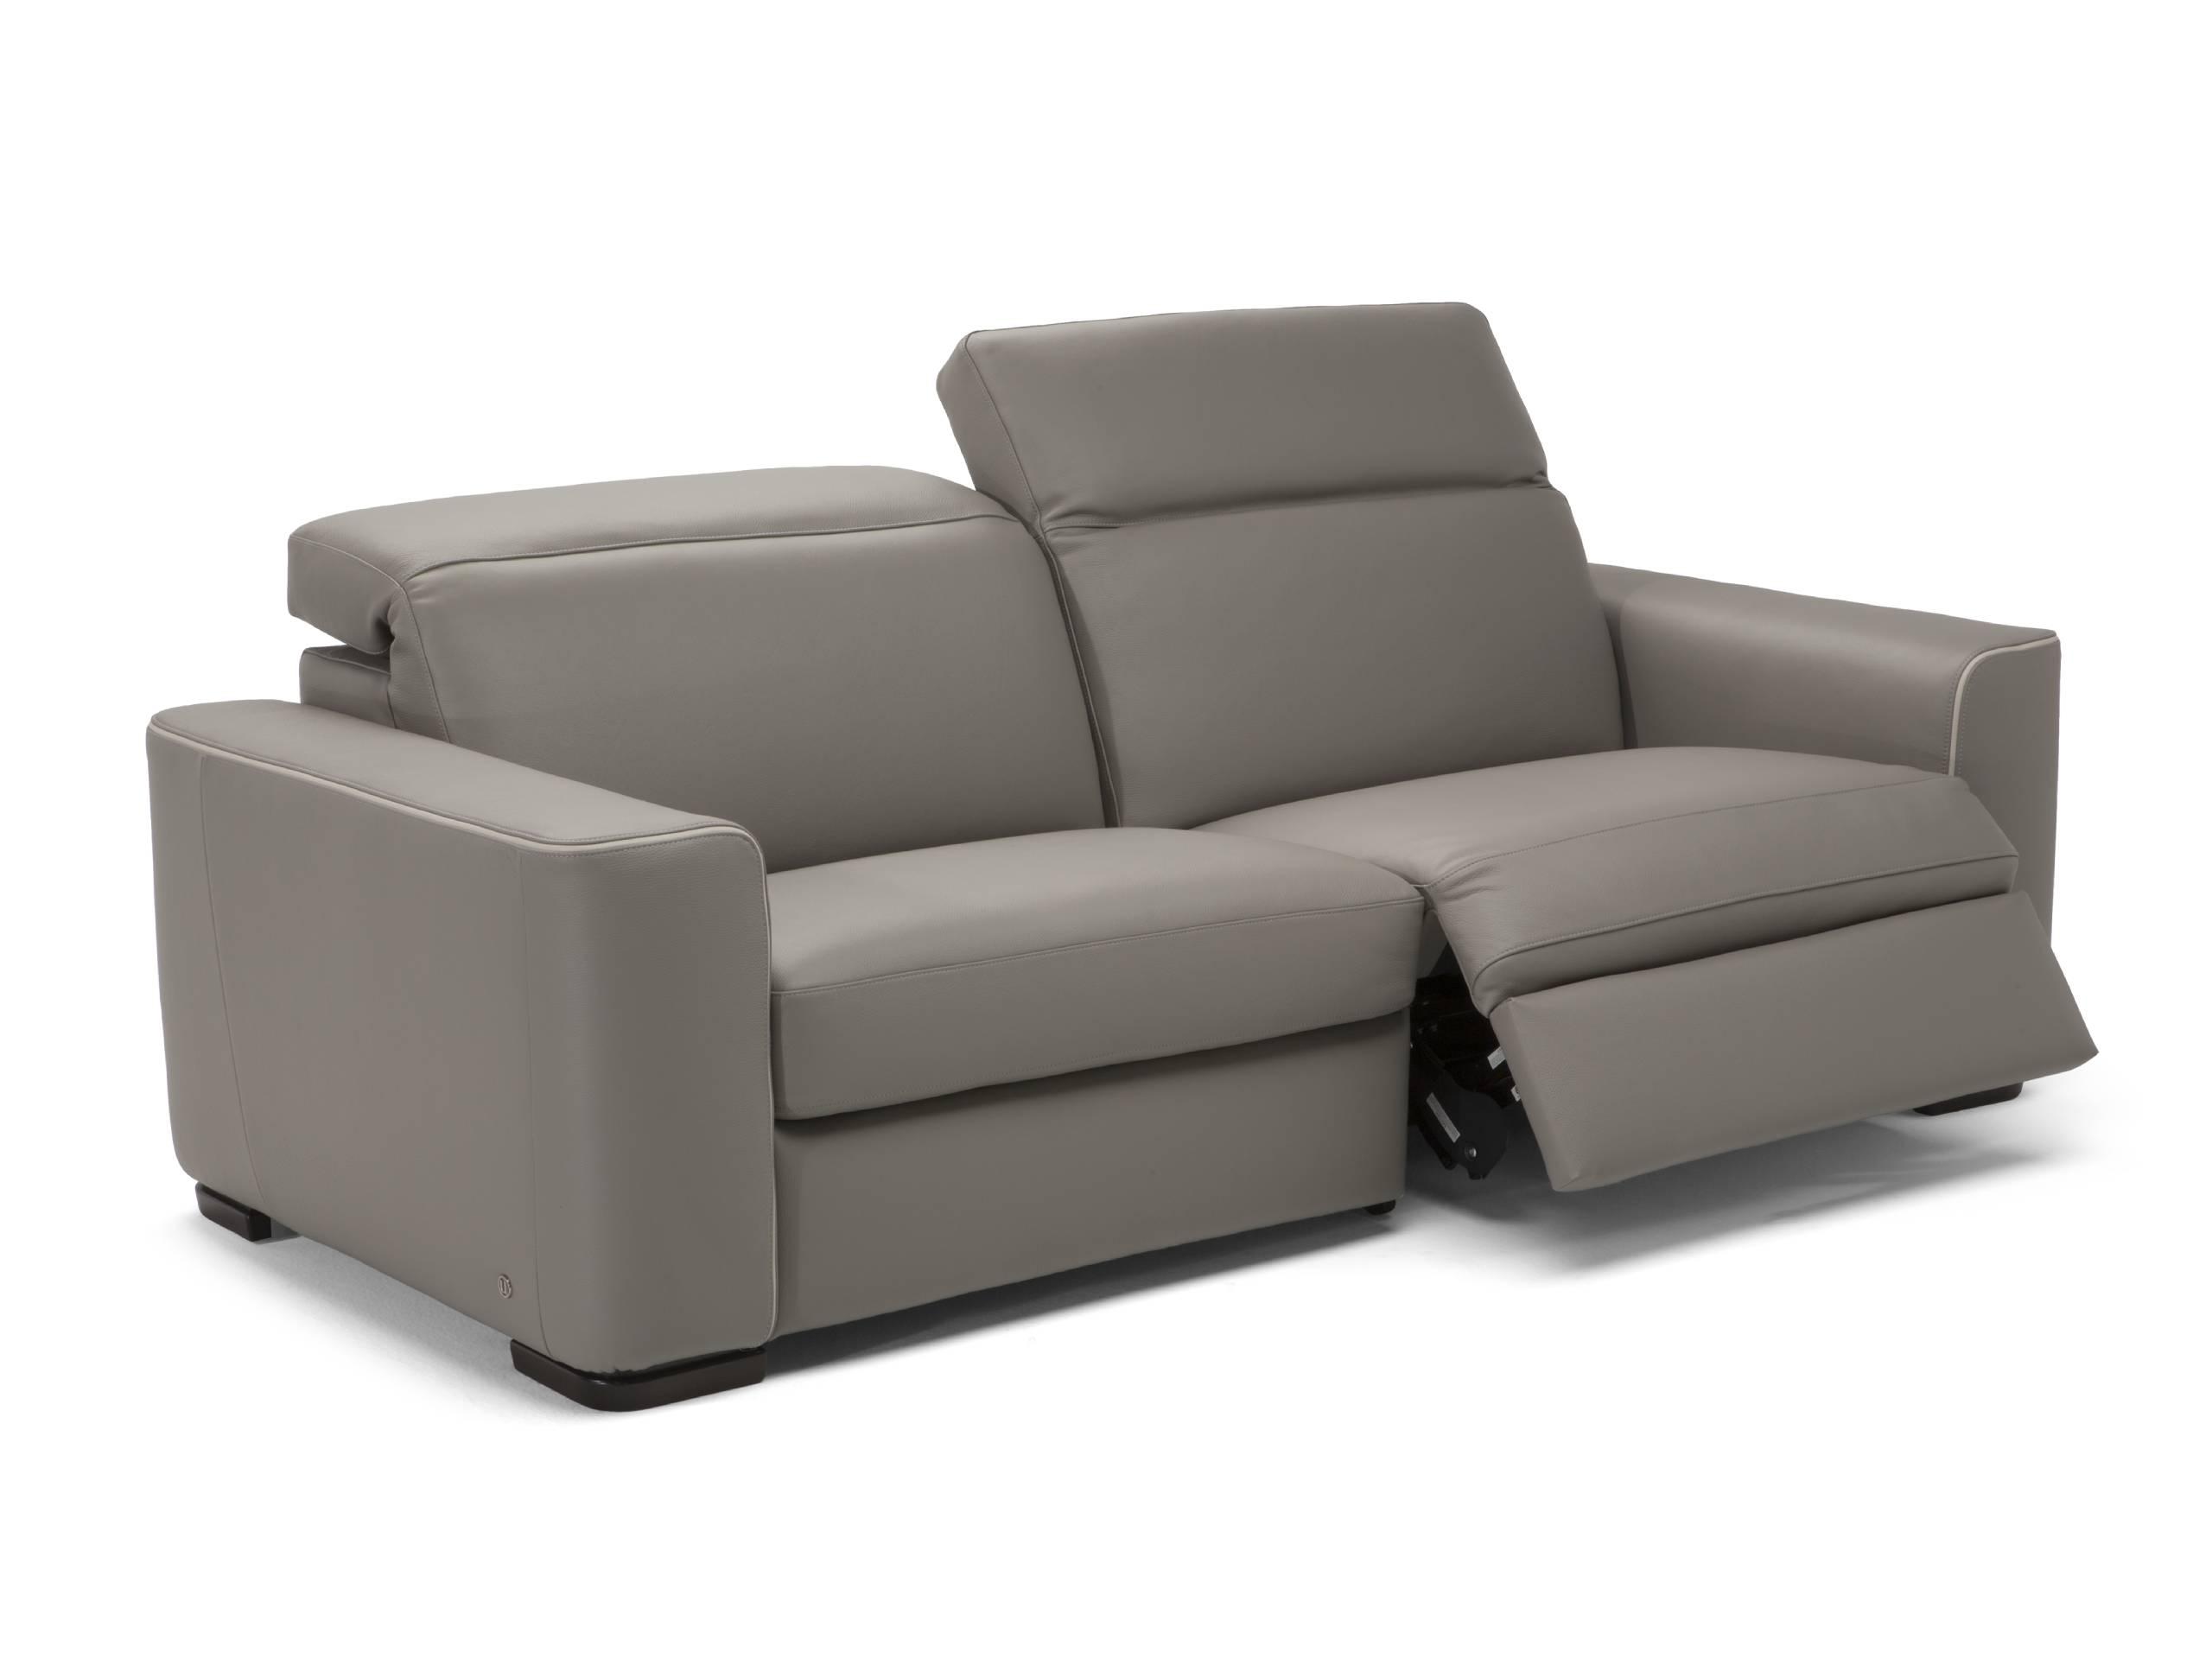 Natuzzi Italia Diesis 3-seat Sofa